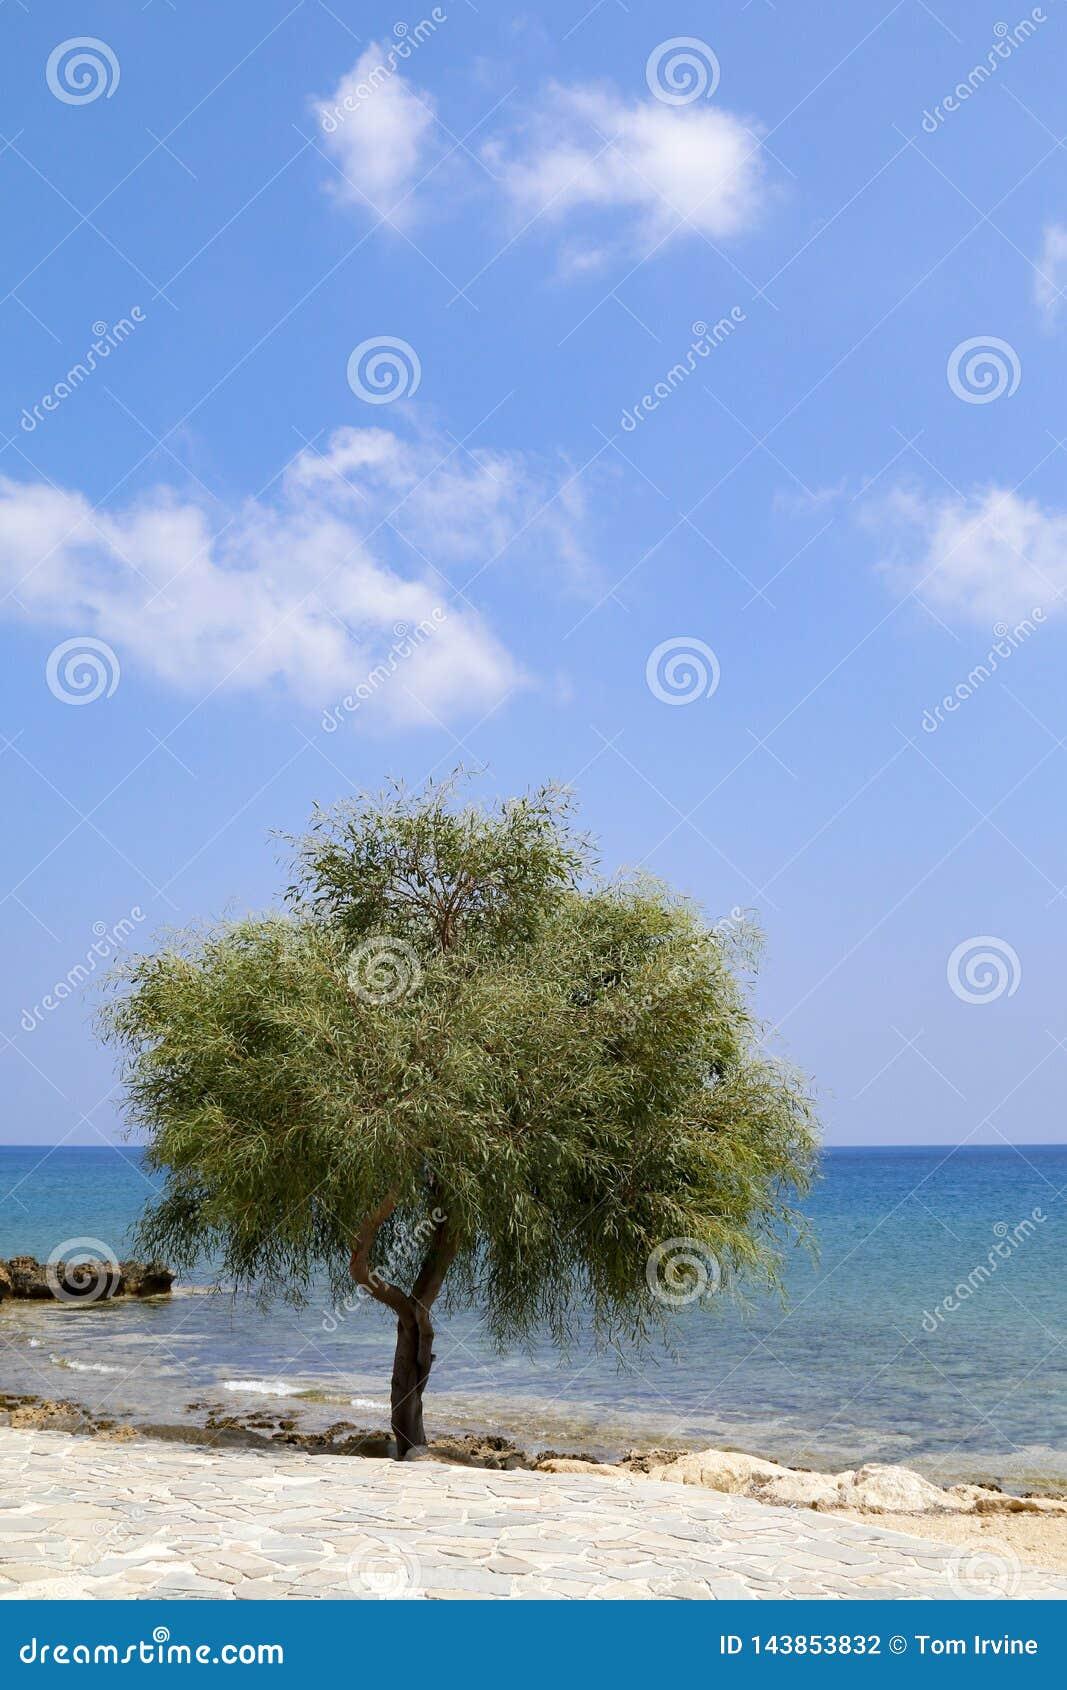 Samotny drzewo obok morza na s?onecznym dniu z niebieskim niebem